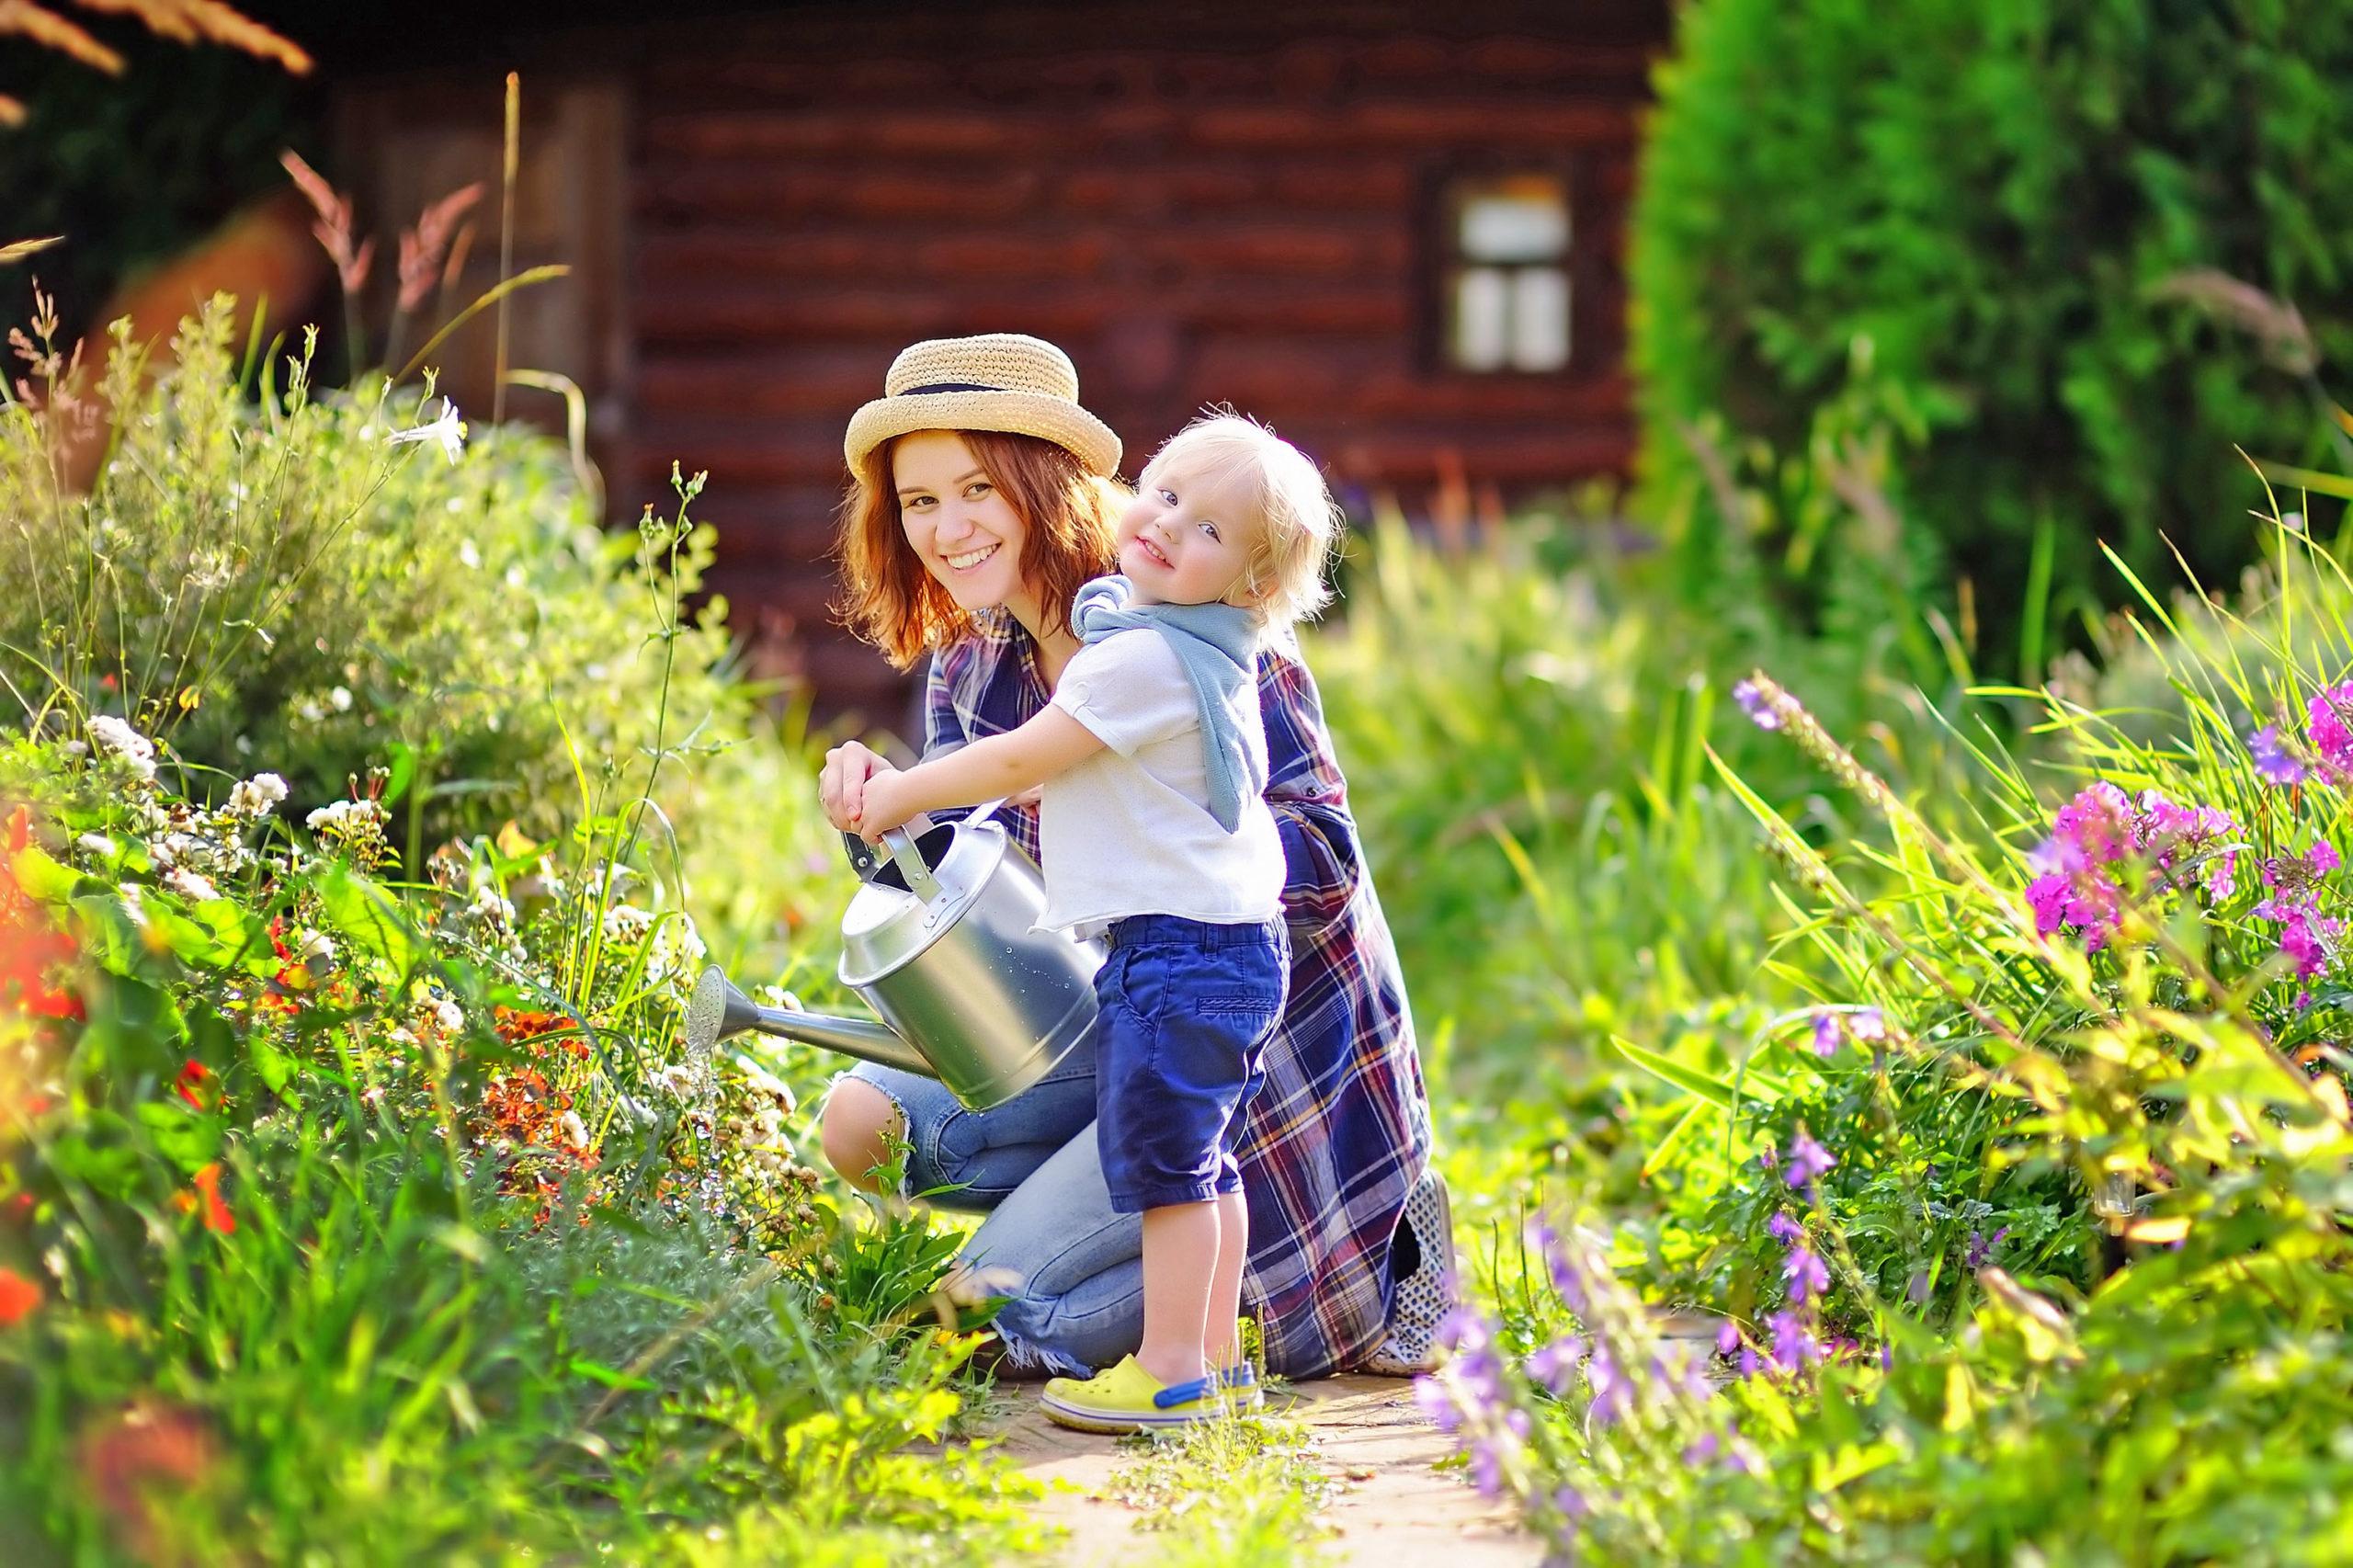 Heile Haut im heimischen Garten